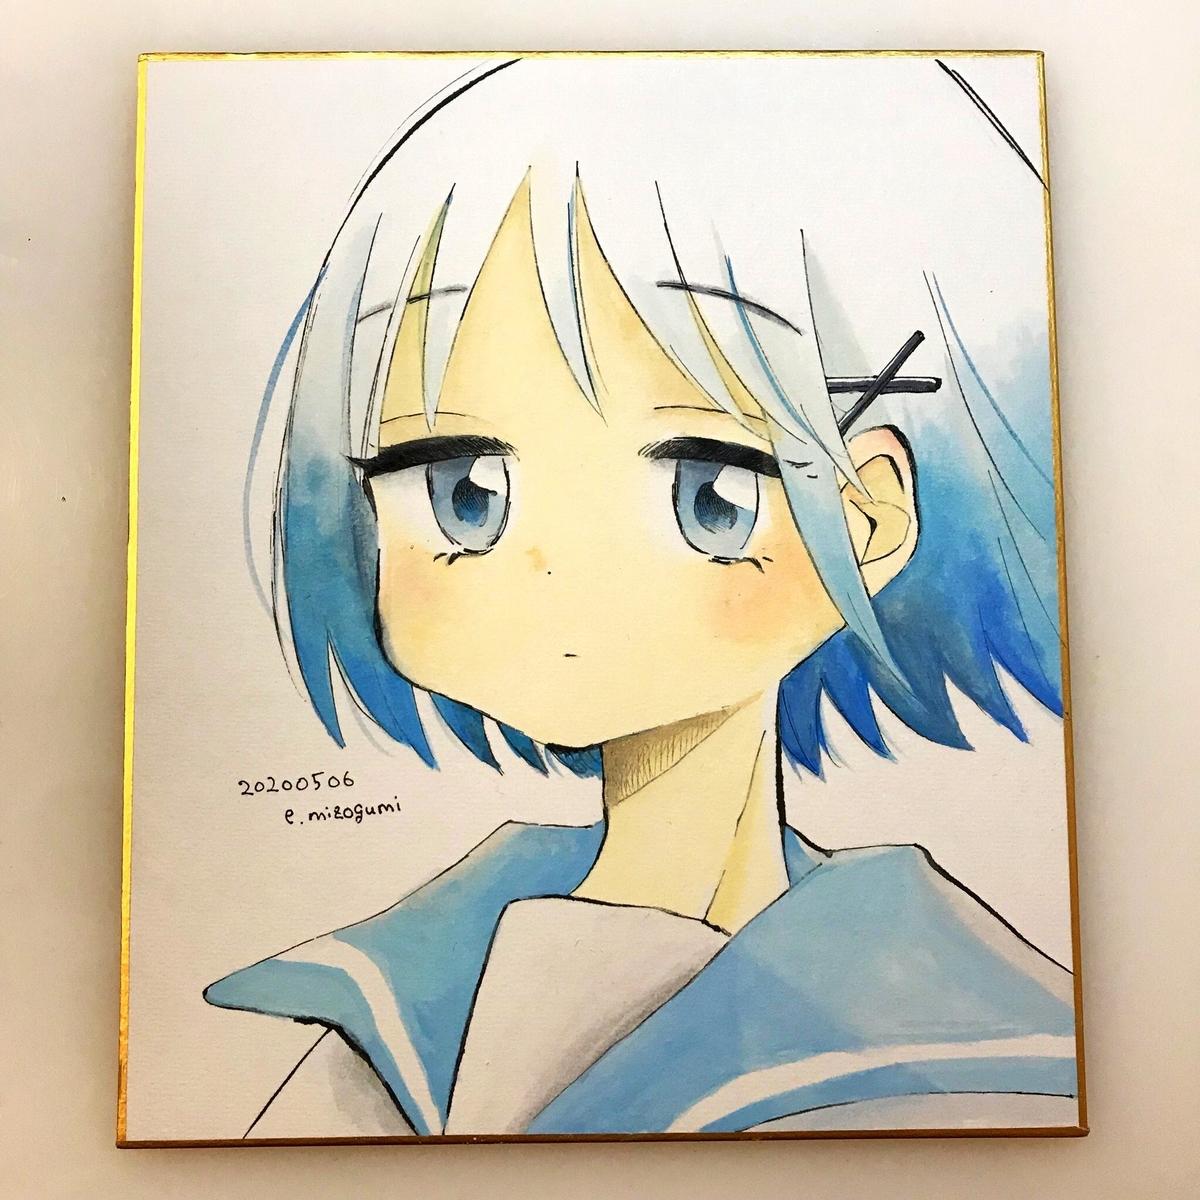 f:id:mizogumi:20210505215901j:plain